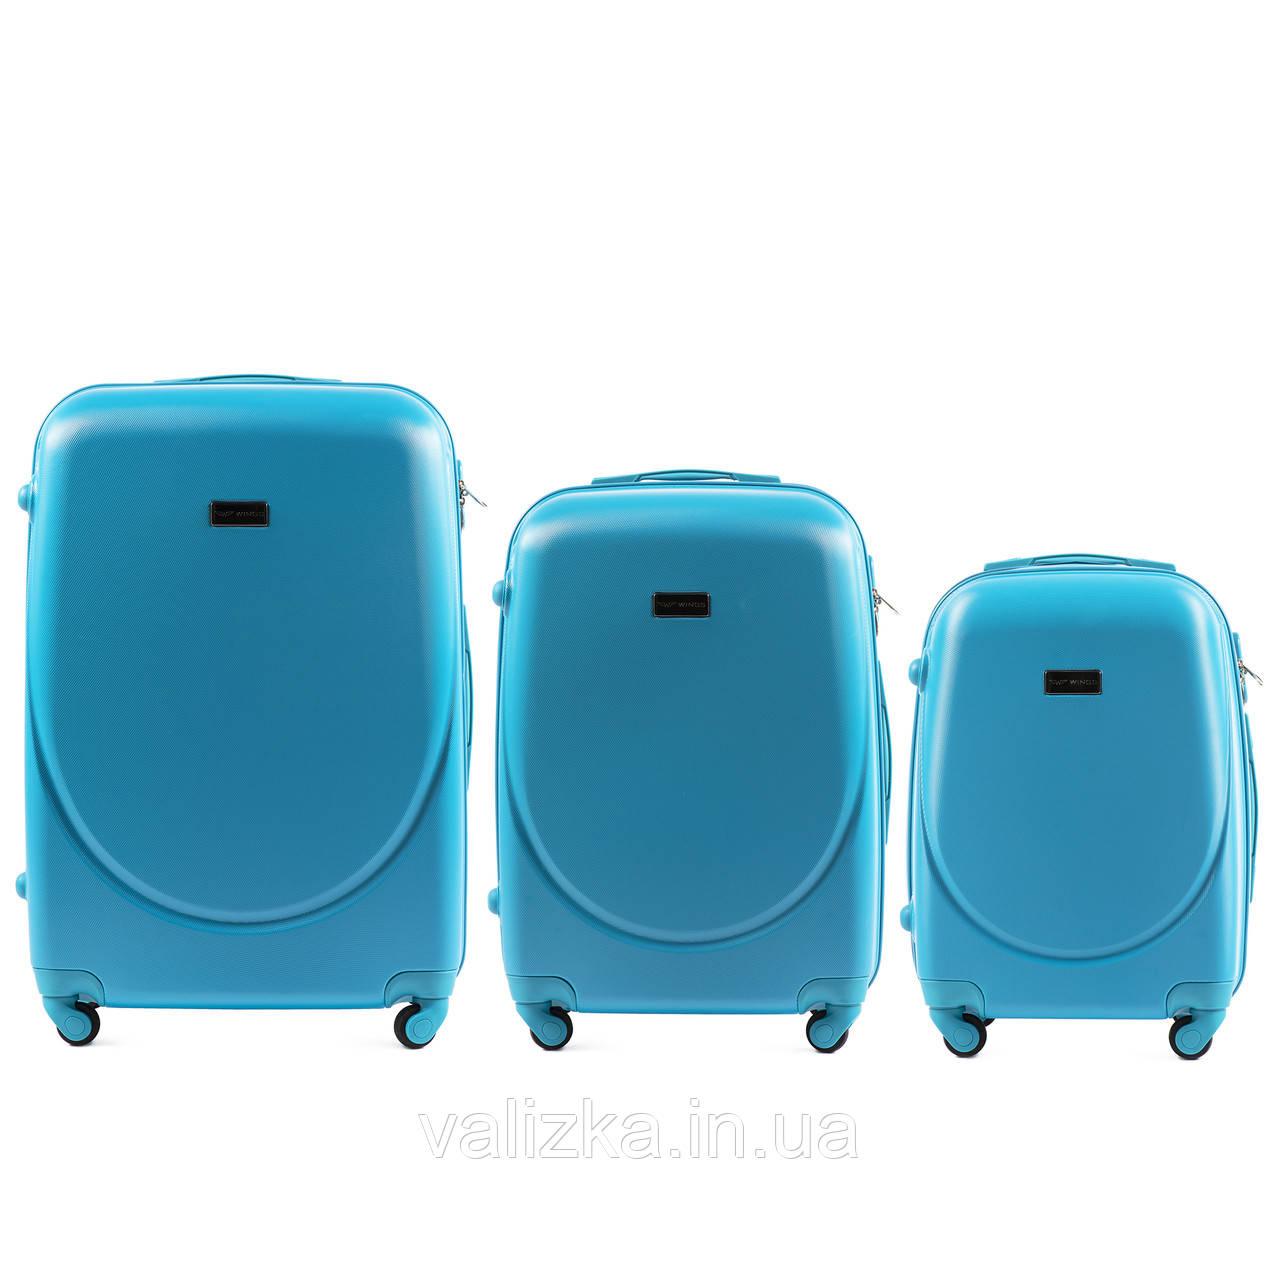 Комплект пластиковых чемоданов 3 шт:  малый, средний, большой с фурнитурой в цвет голубой